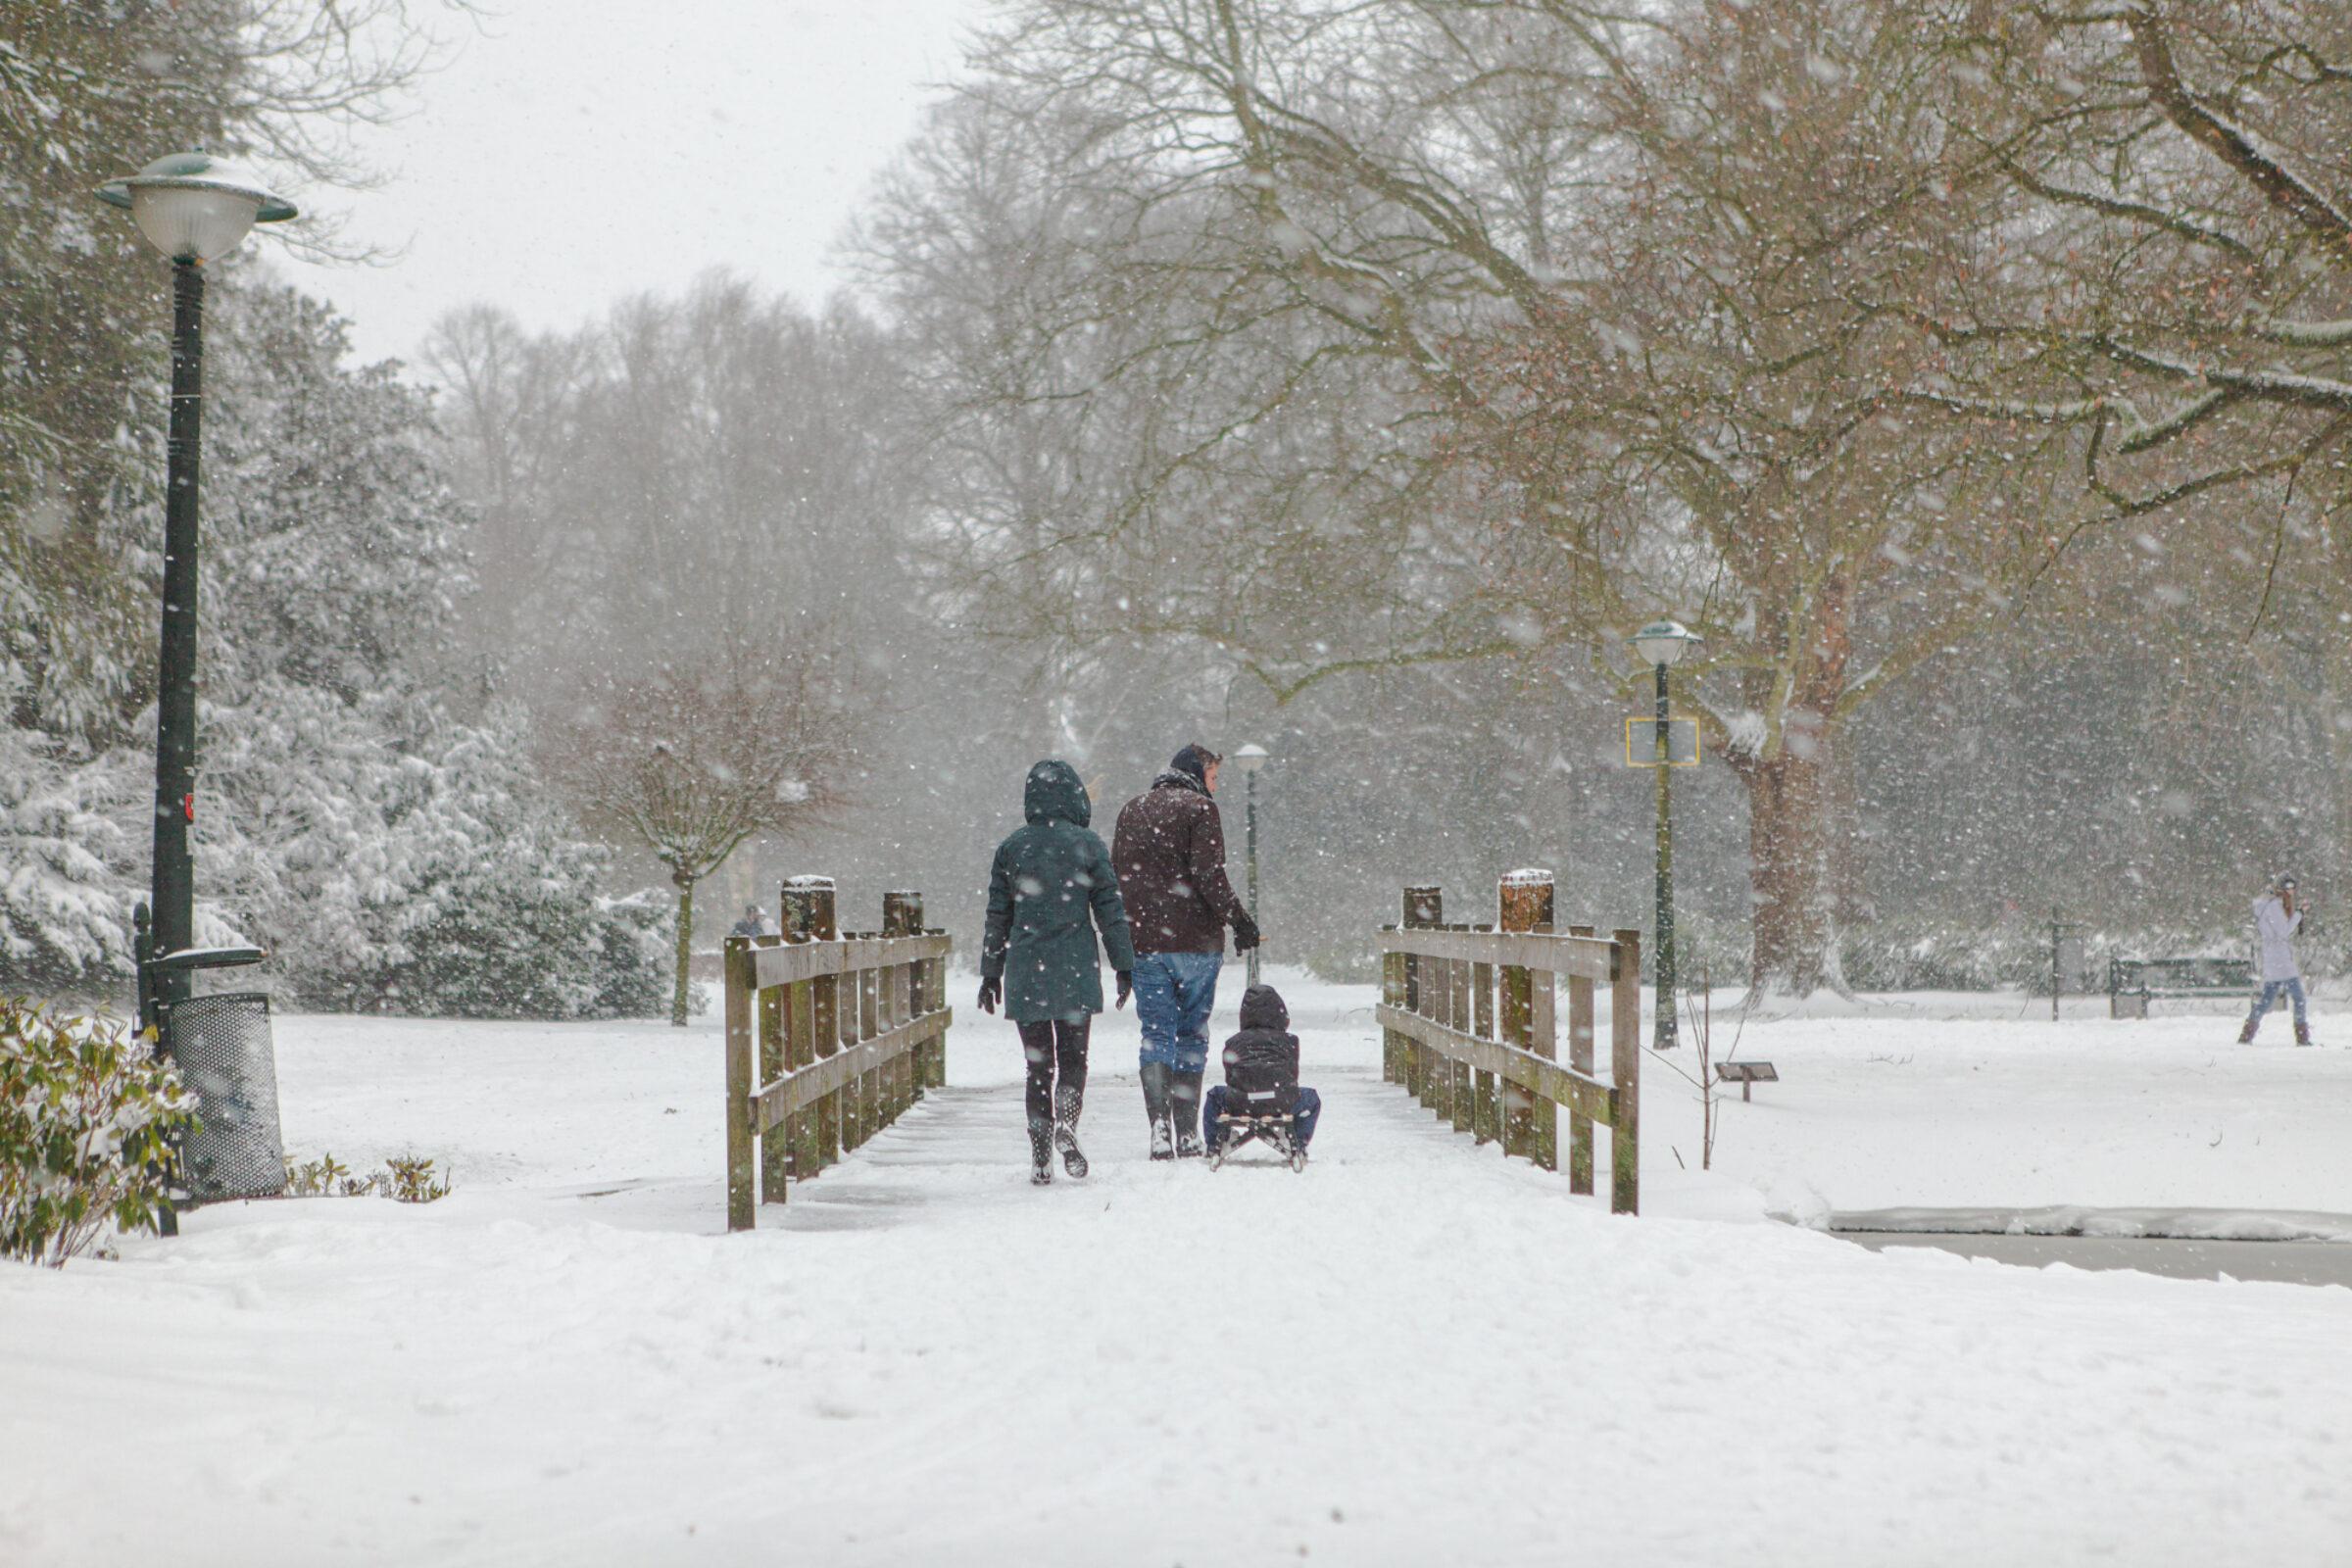 Volkspark Enschede in de sneeuw